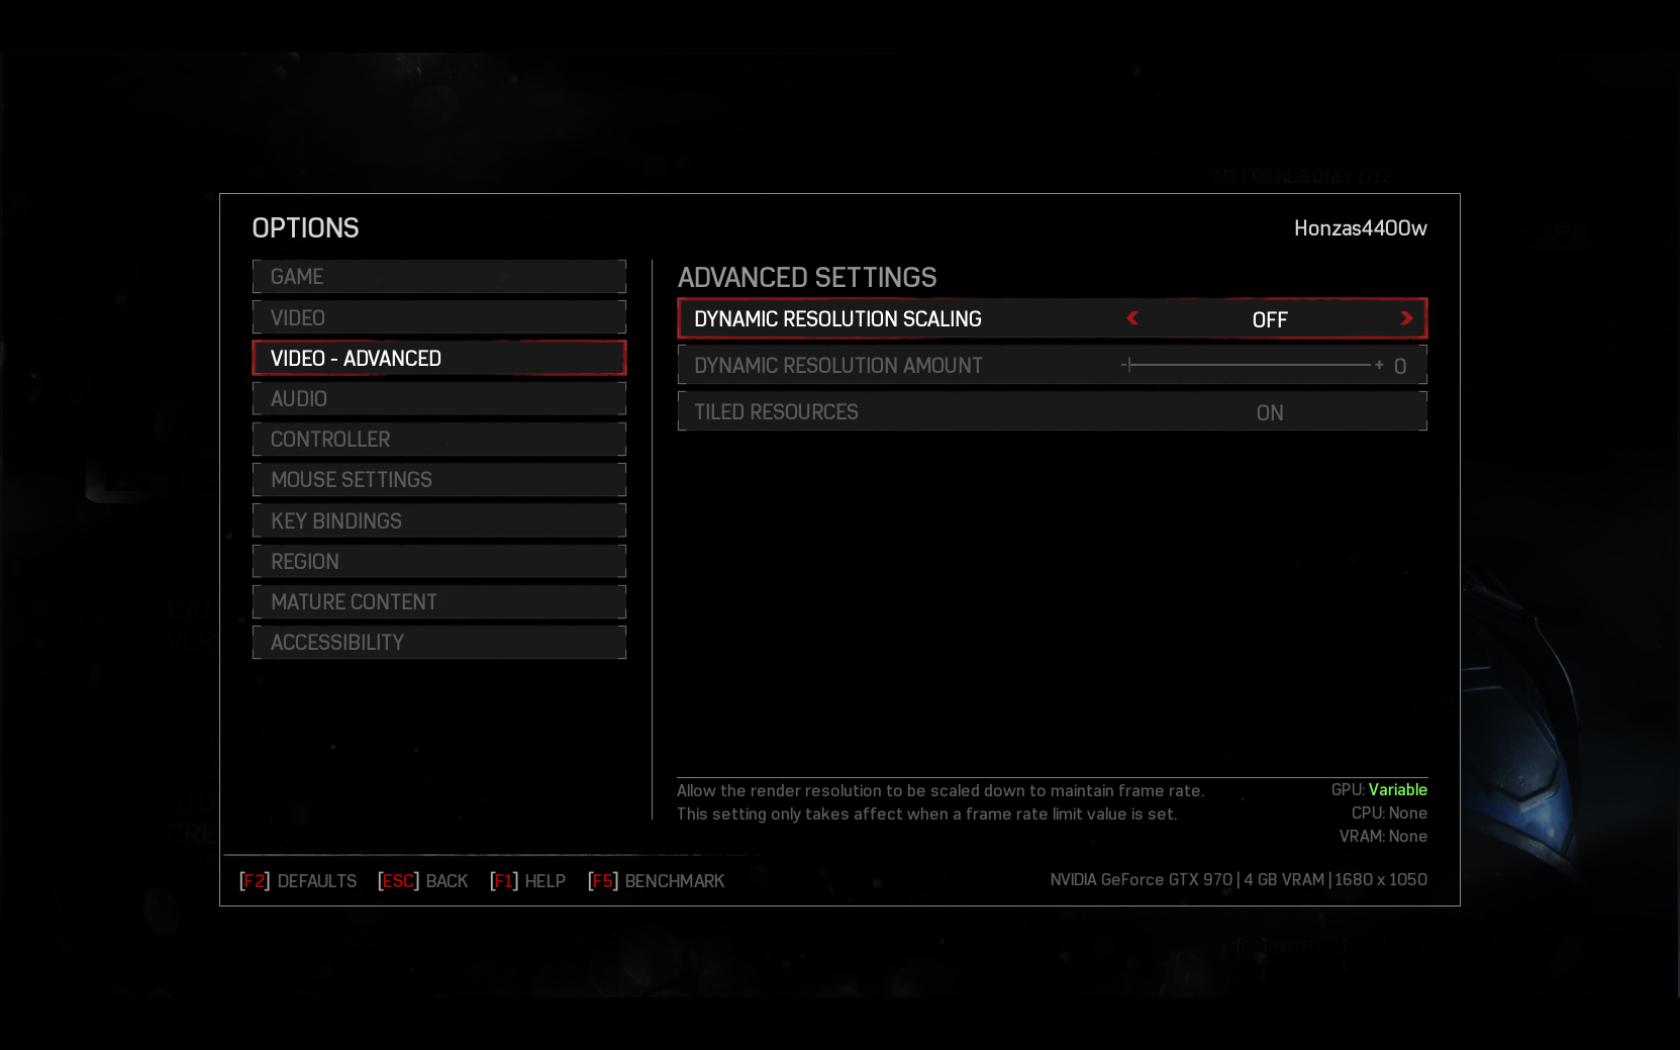 PC verze Gears of War 4 si zaslouží velkou pochvalu 131662